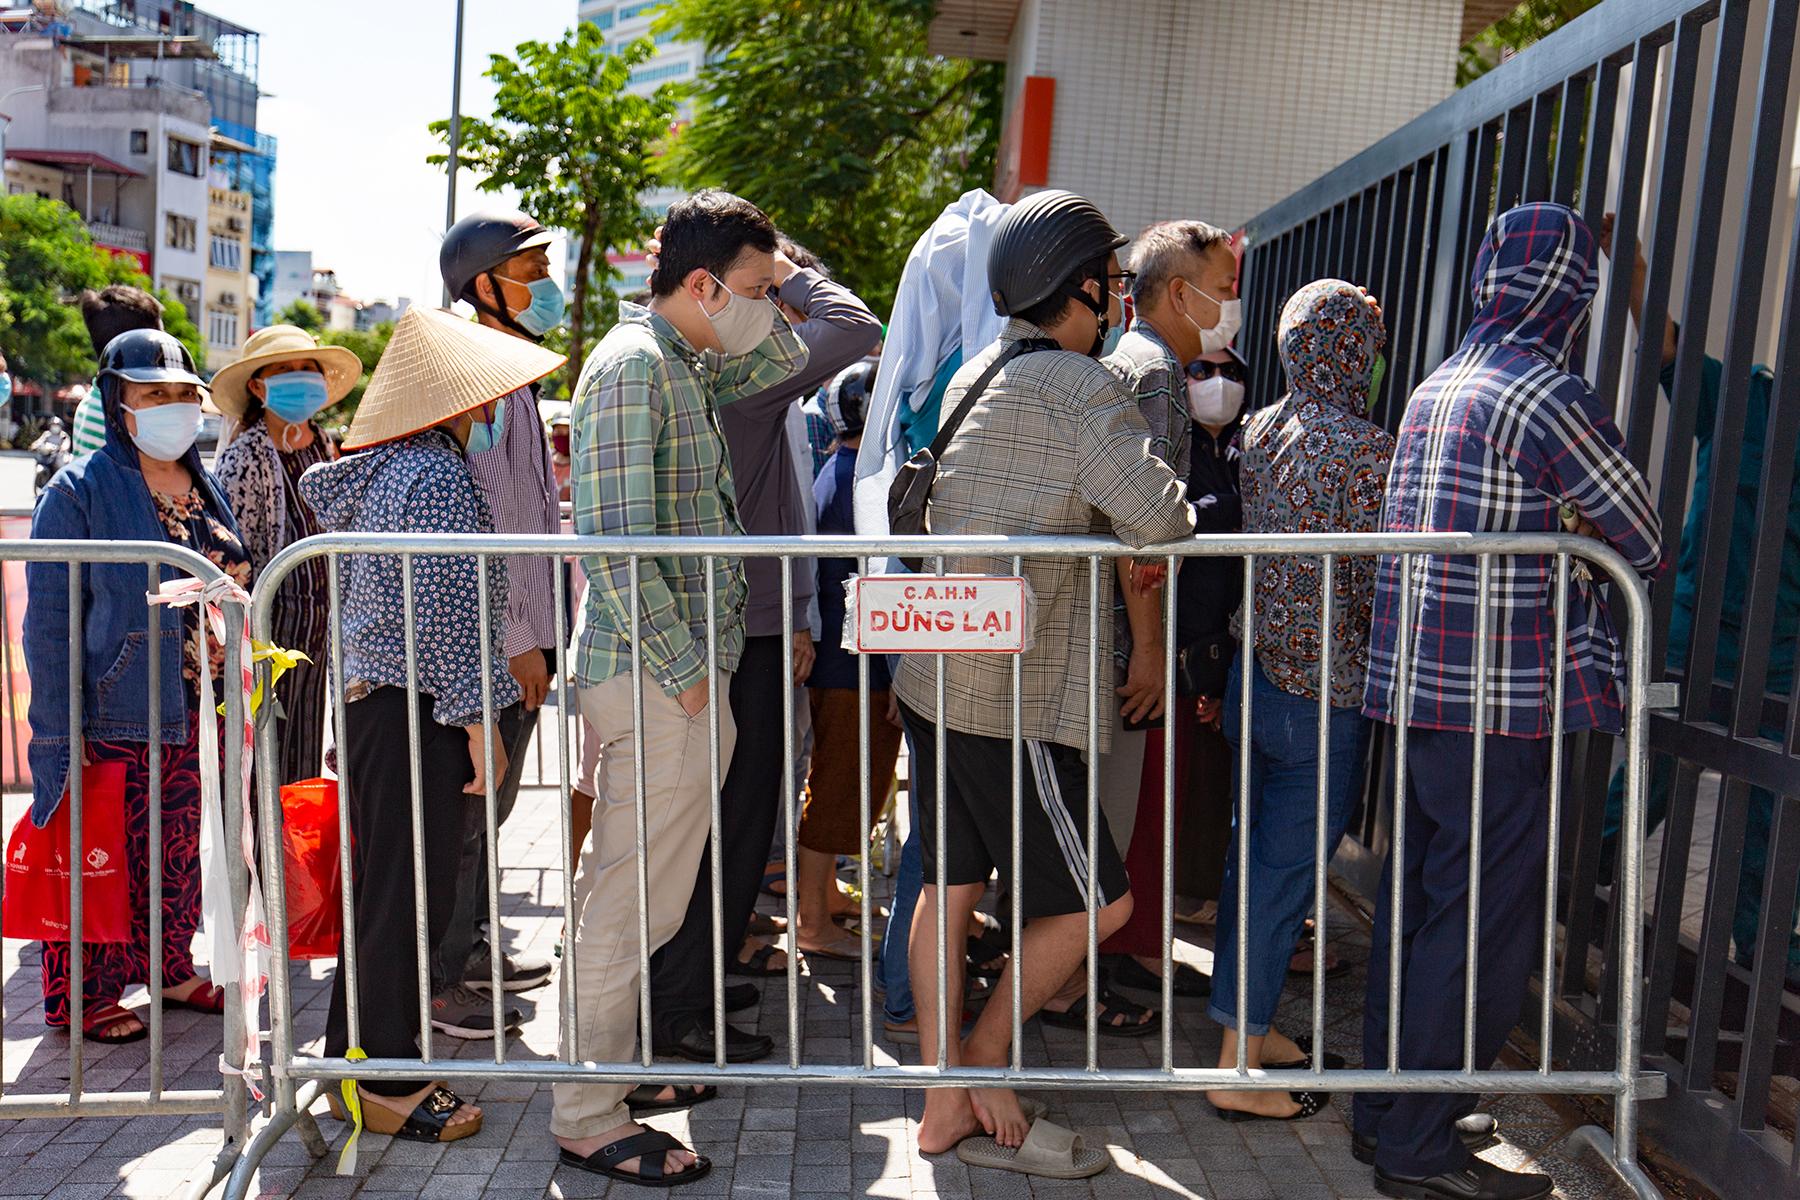 Người dân chen chúc chờ mua bánh Trung thu tại trường tiểu học Chu Văn An, chiều 19/9. Ảnh: Tùng Đinh.